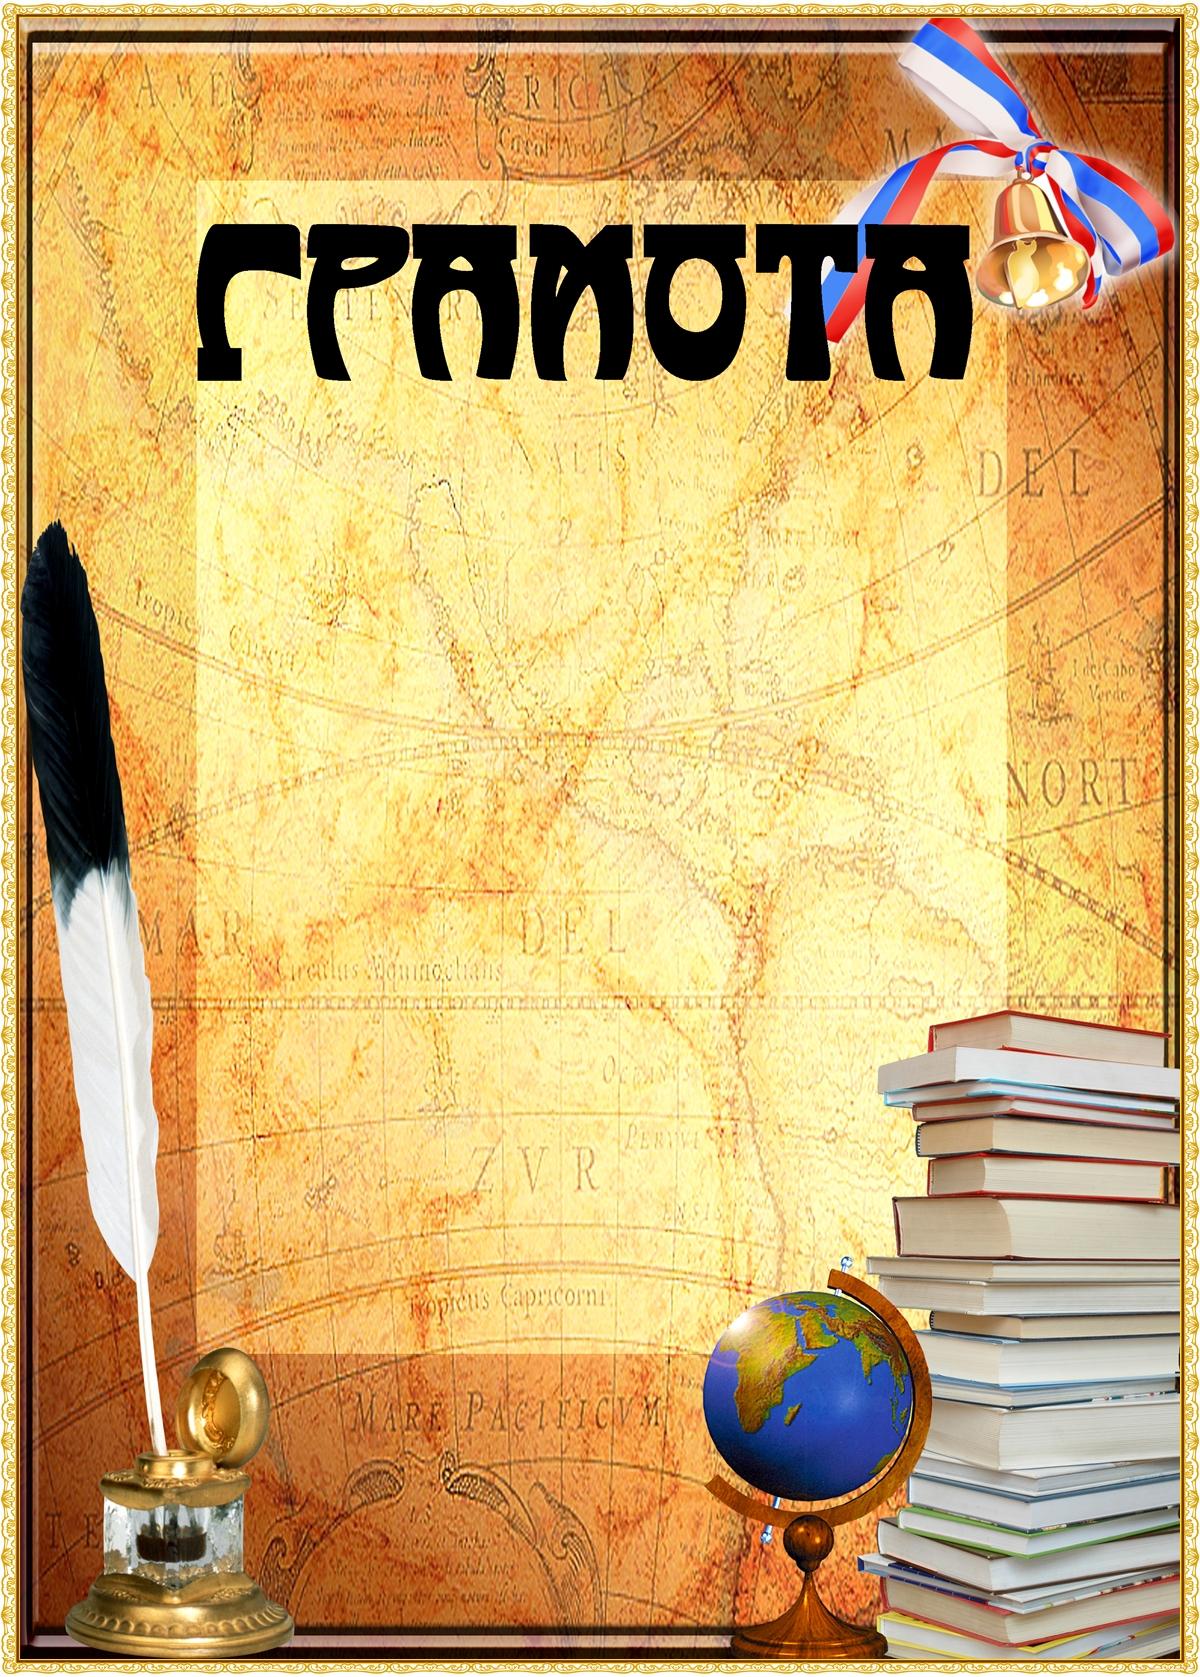 Похвальная грамота с глобусом, пером и книгами